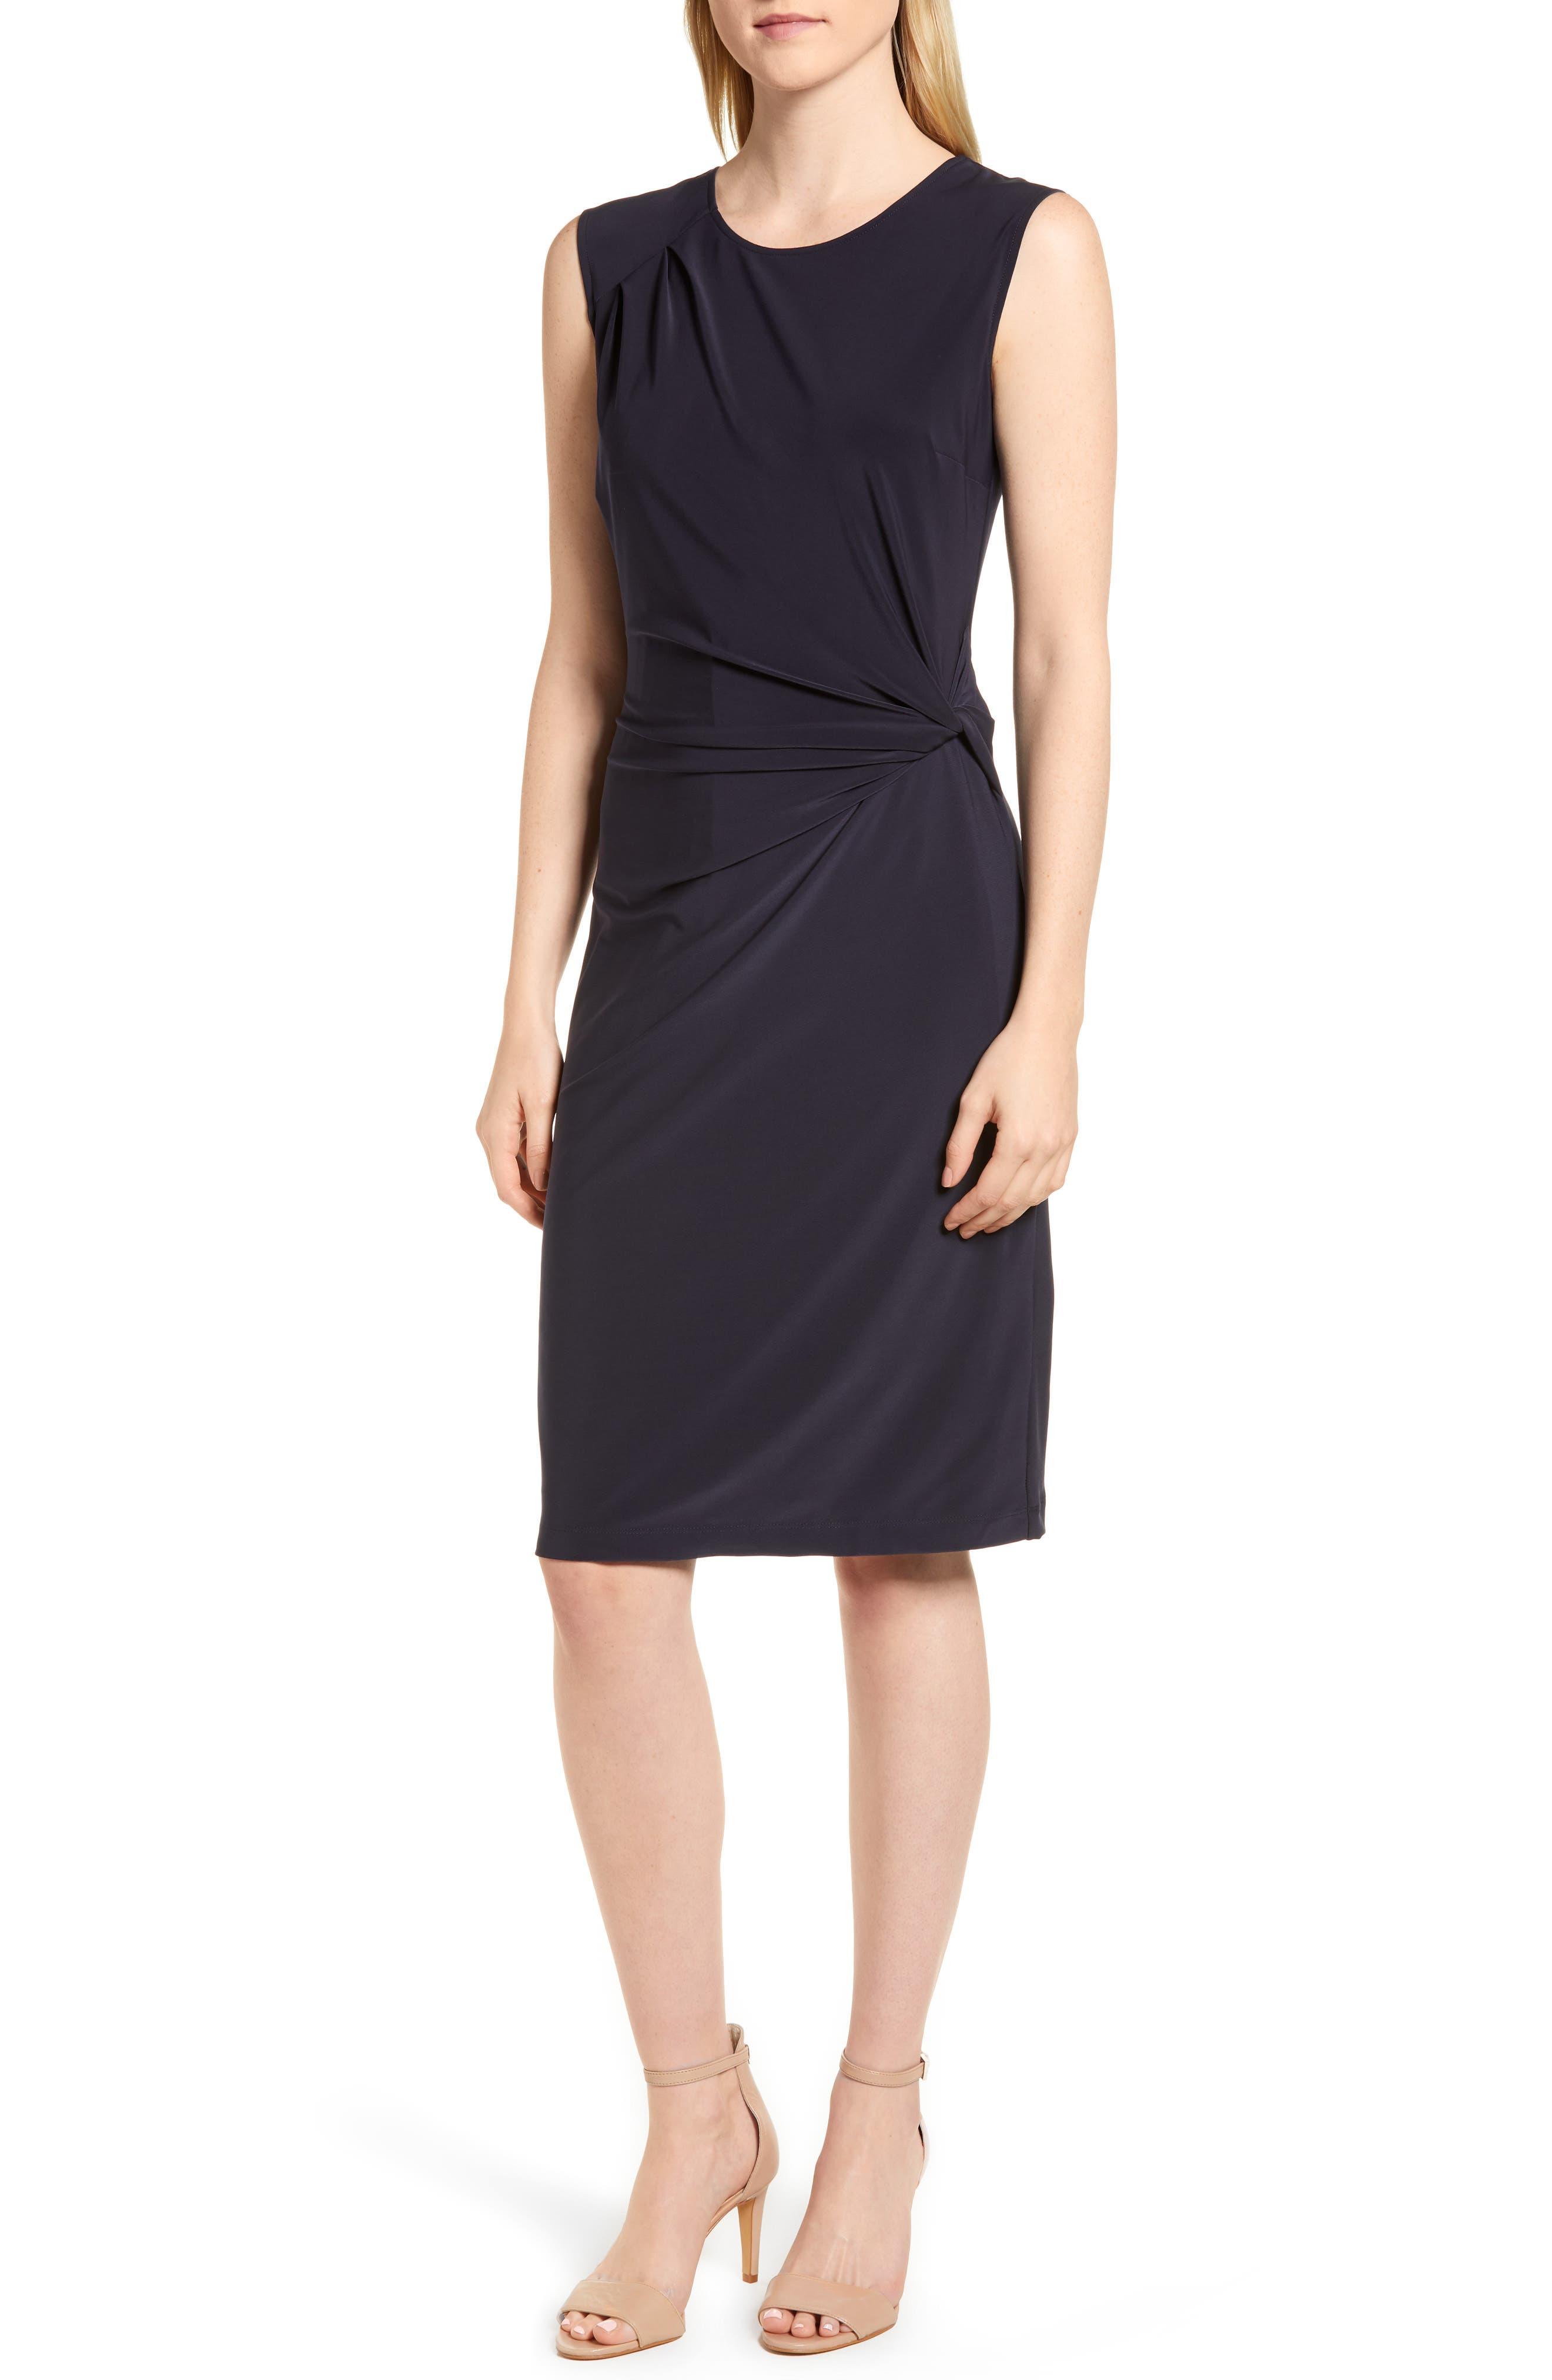 Alternate Image 1 Selected - NIC+ZOE Twist Side Matte Jersey Dress